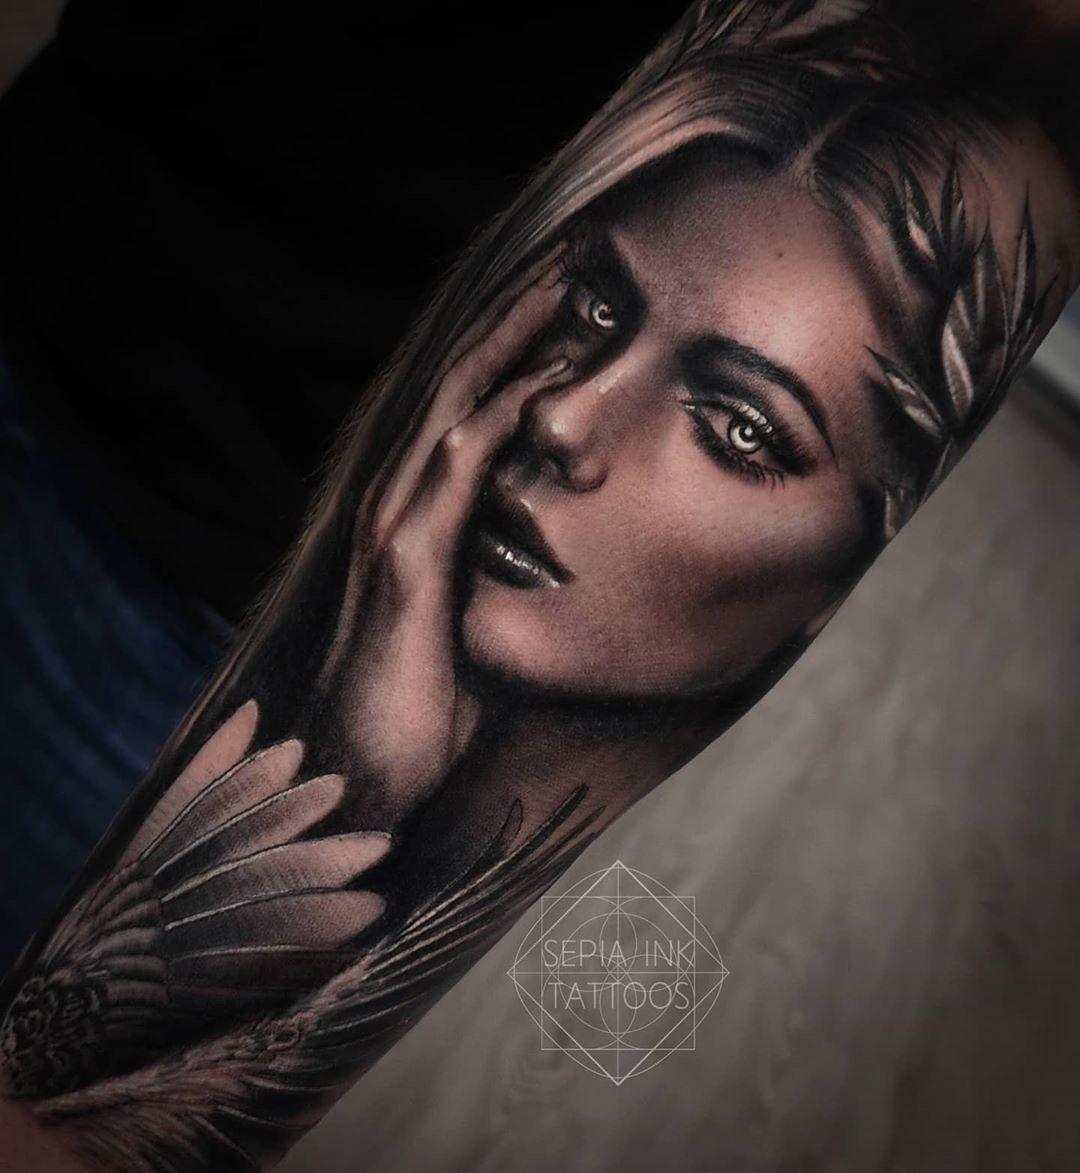 Bleibt gesund 🍀 Dieses Portrait ist kurz vor Corona entstanden 🕊️ by ✖Sepia Ink Tattoos✖  @sepiainktattoos 🙏 X MY DESIGN X ___________________________ . . . .  #animetattoos #tattoos #sleevetattoo #tattoostudio #tattooartist #tattooist #tattooart #chicanotattoo #tattoolife #tattooart #artist #tattoolifestyle #ink #inked #girlswithtattoos #tattoogirl #menwithtattoos #tattoosketch #liontattoo #tattoostyle  #phototattoo #realistictattoo